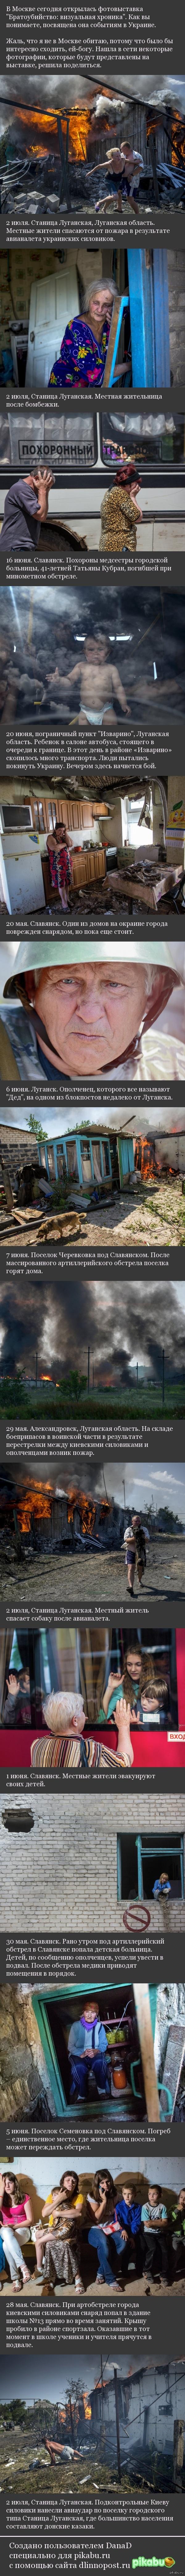 """Фотовыставка """"Братоубийство: визуальная хроника"""" фотография, Украина, война на Украине, жесть, длиннопост"""